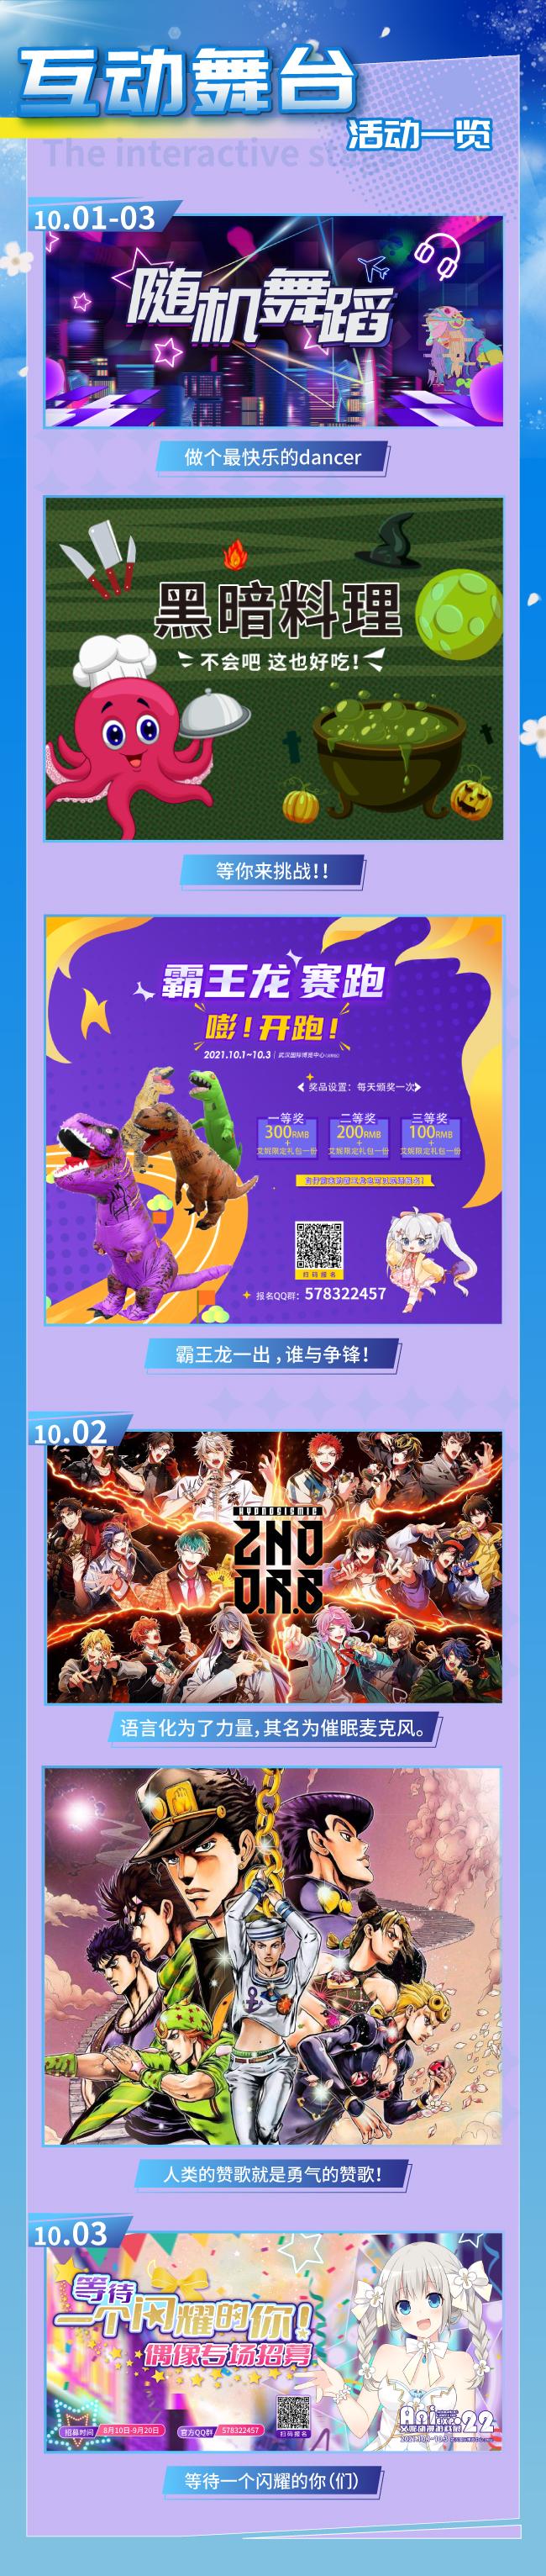 第22届艾妮动漫游戏展官宣第二弹